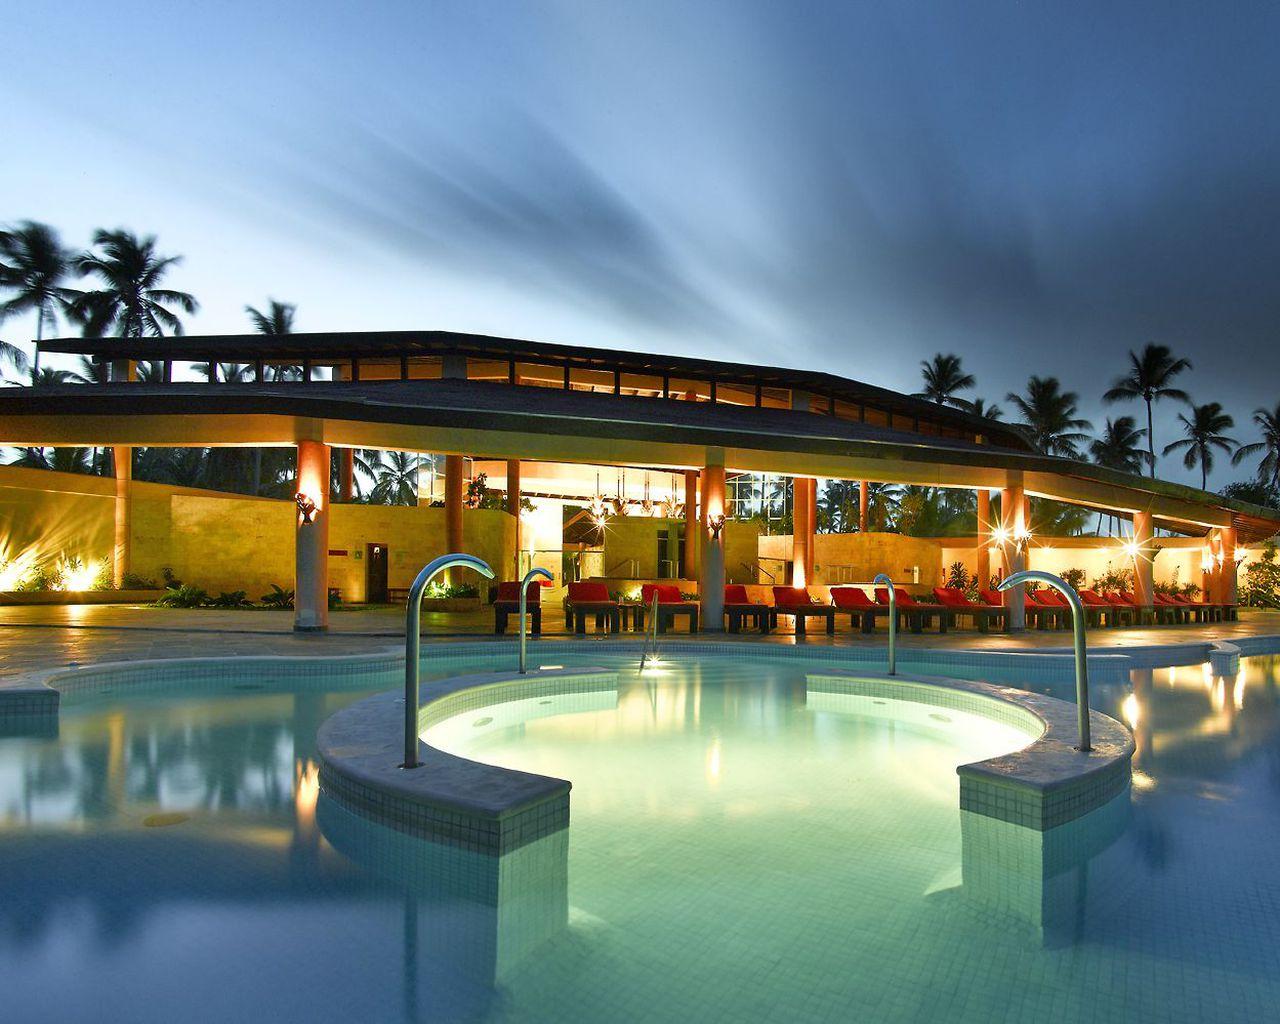 Punta cana hoteles 5 estrellas felicesvacaciones for Hoteles para 5 personas